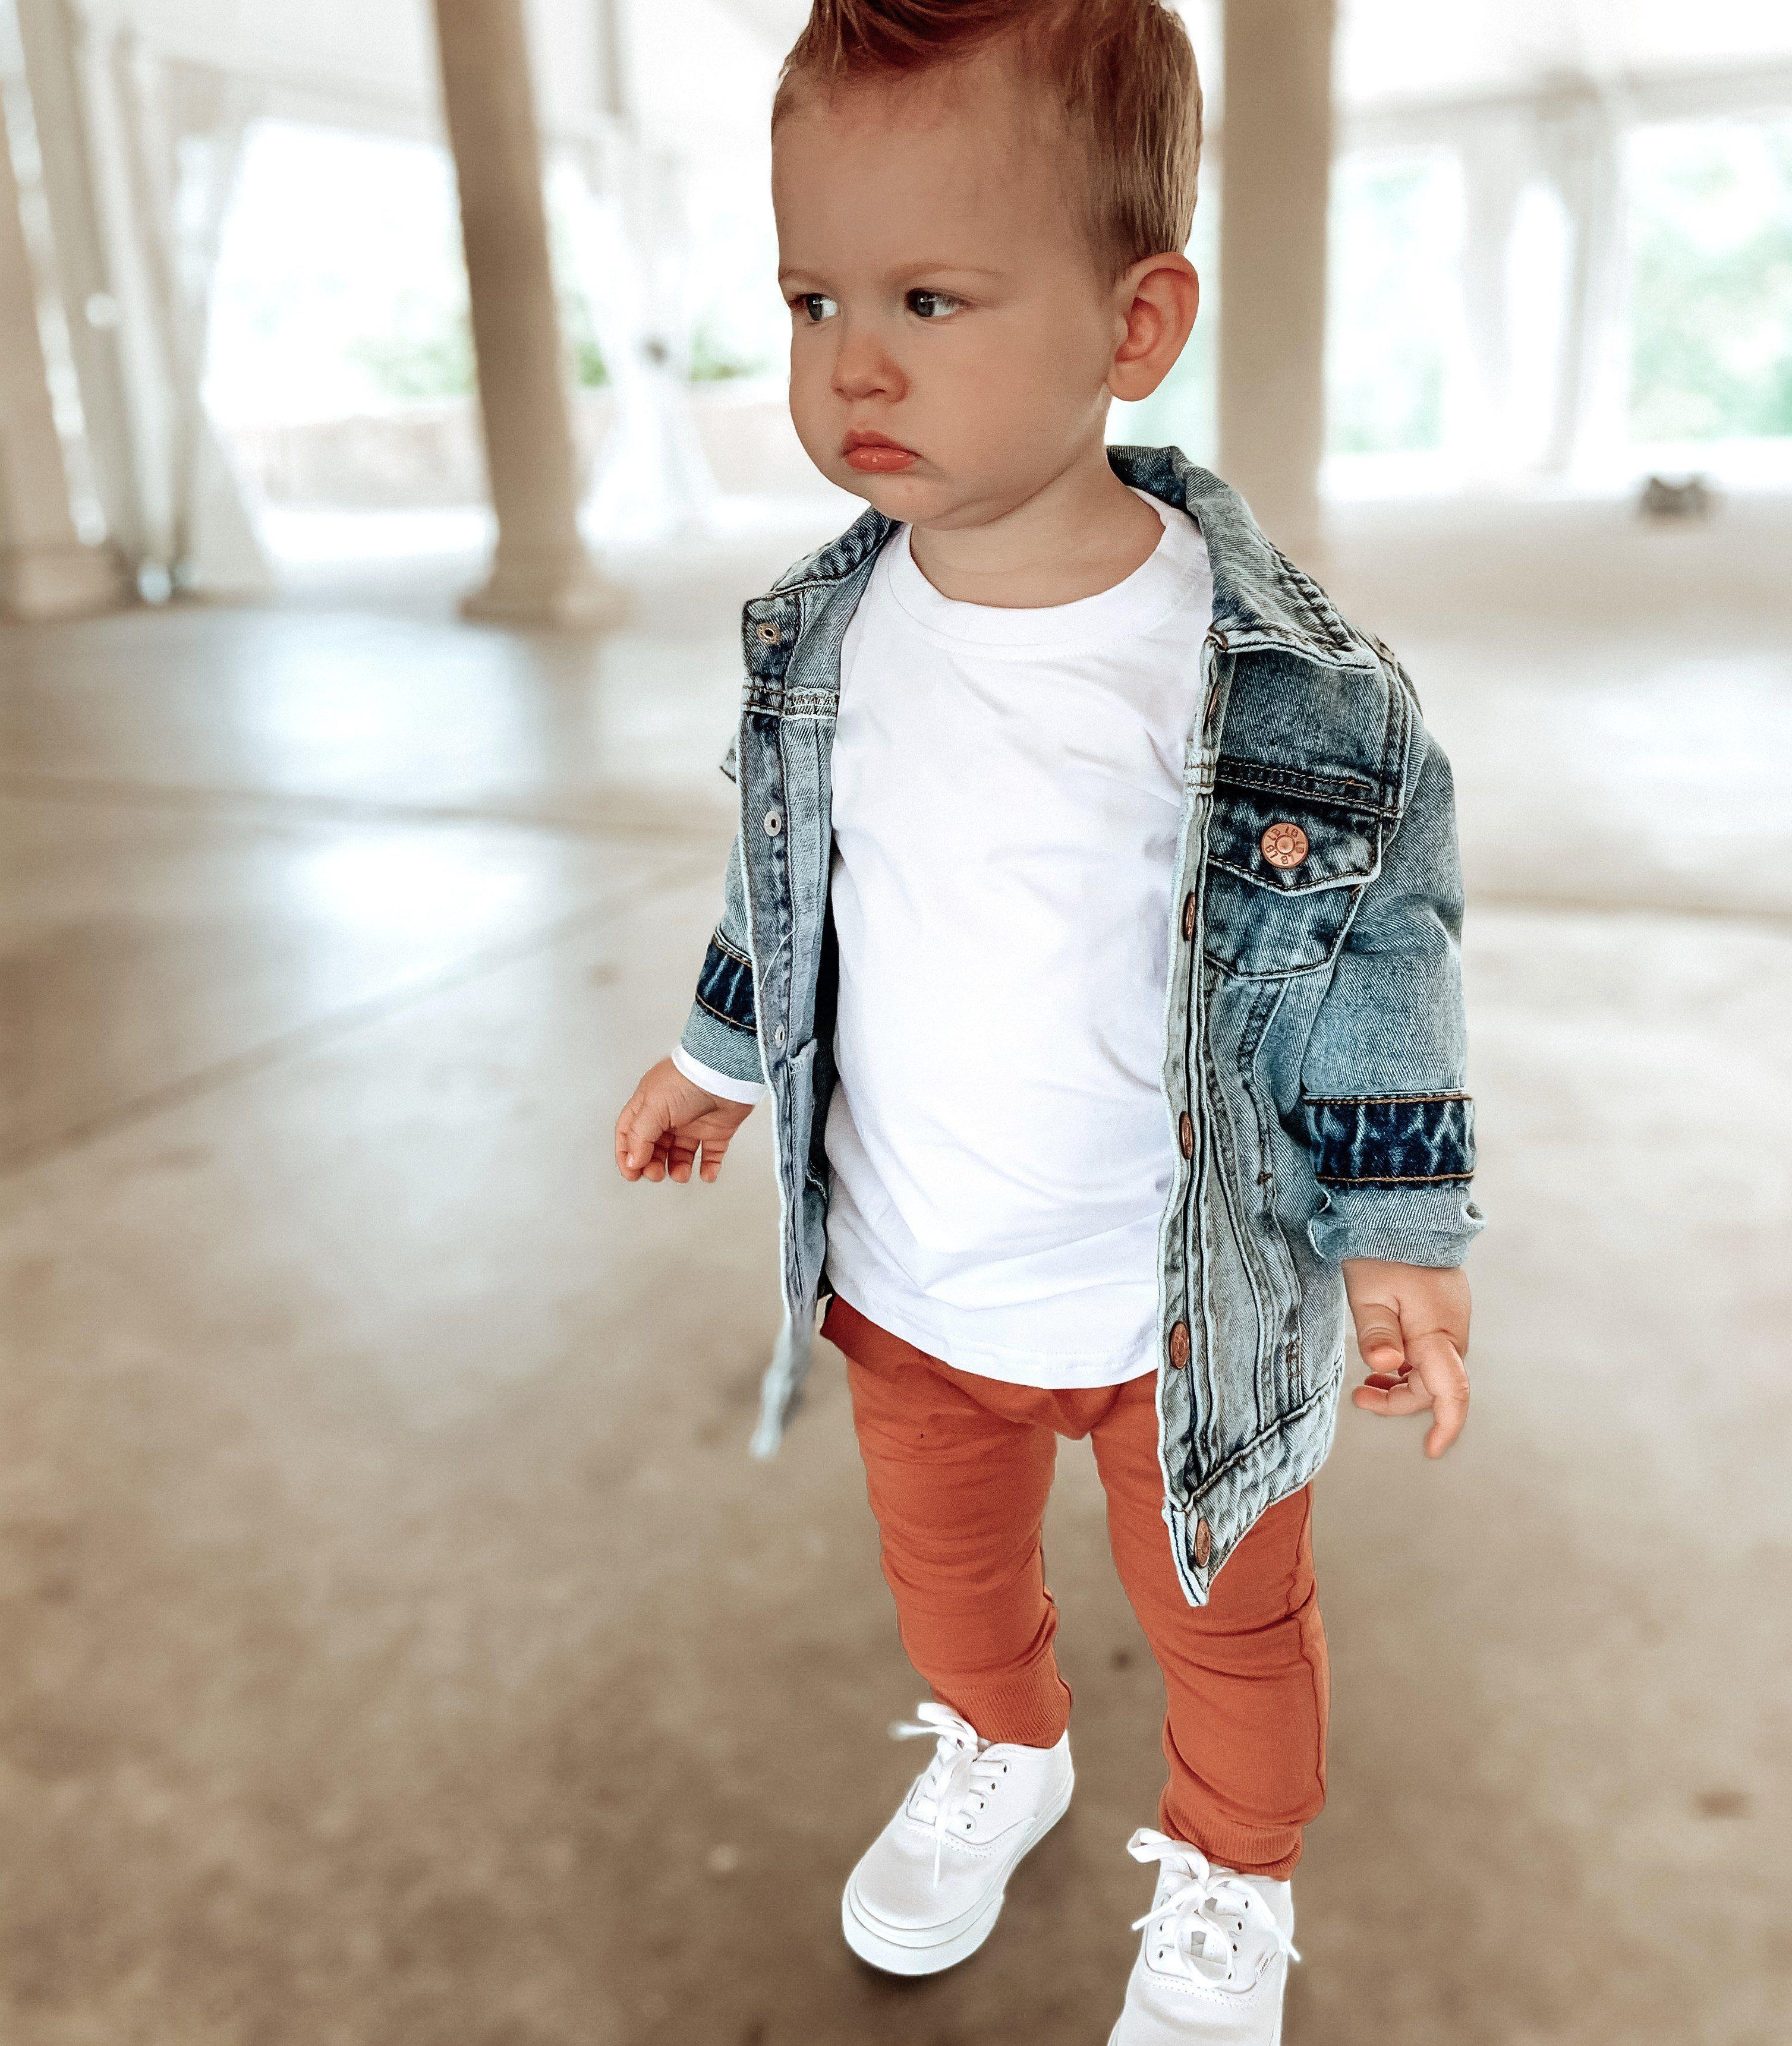 Denim Jacket In 2021 Cute Baby Boy Outfits Cute Boy Outfits Stylish Baby Boy Outfits [ 3443 x 3015 Pixel ]